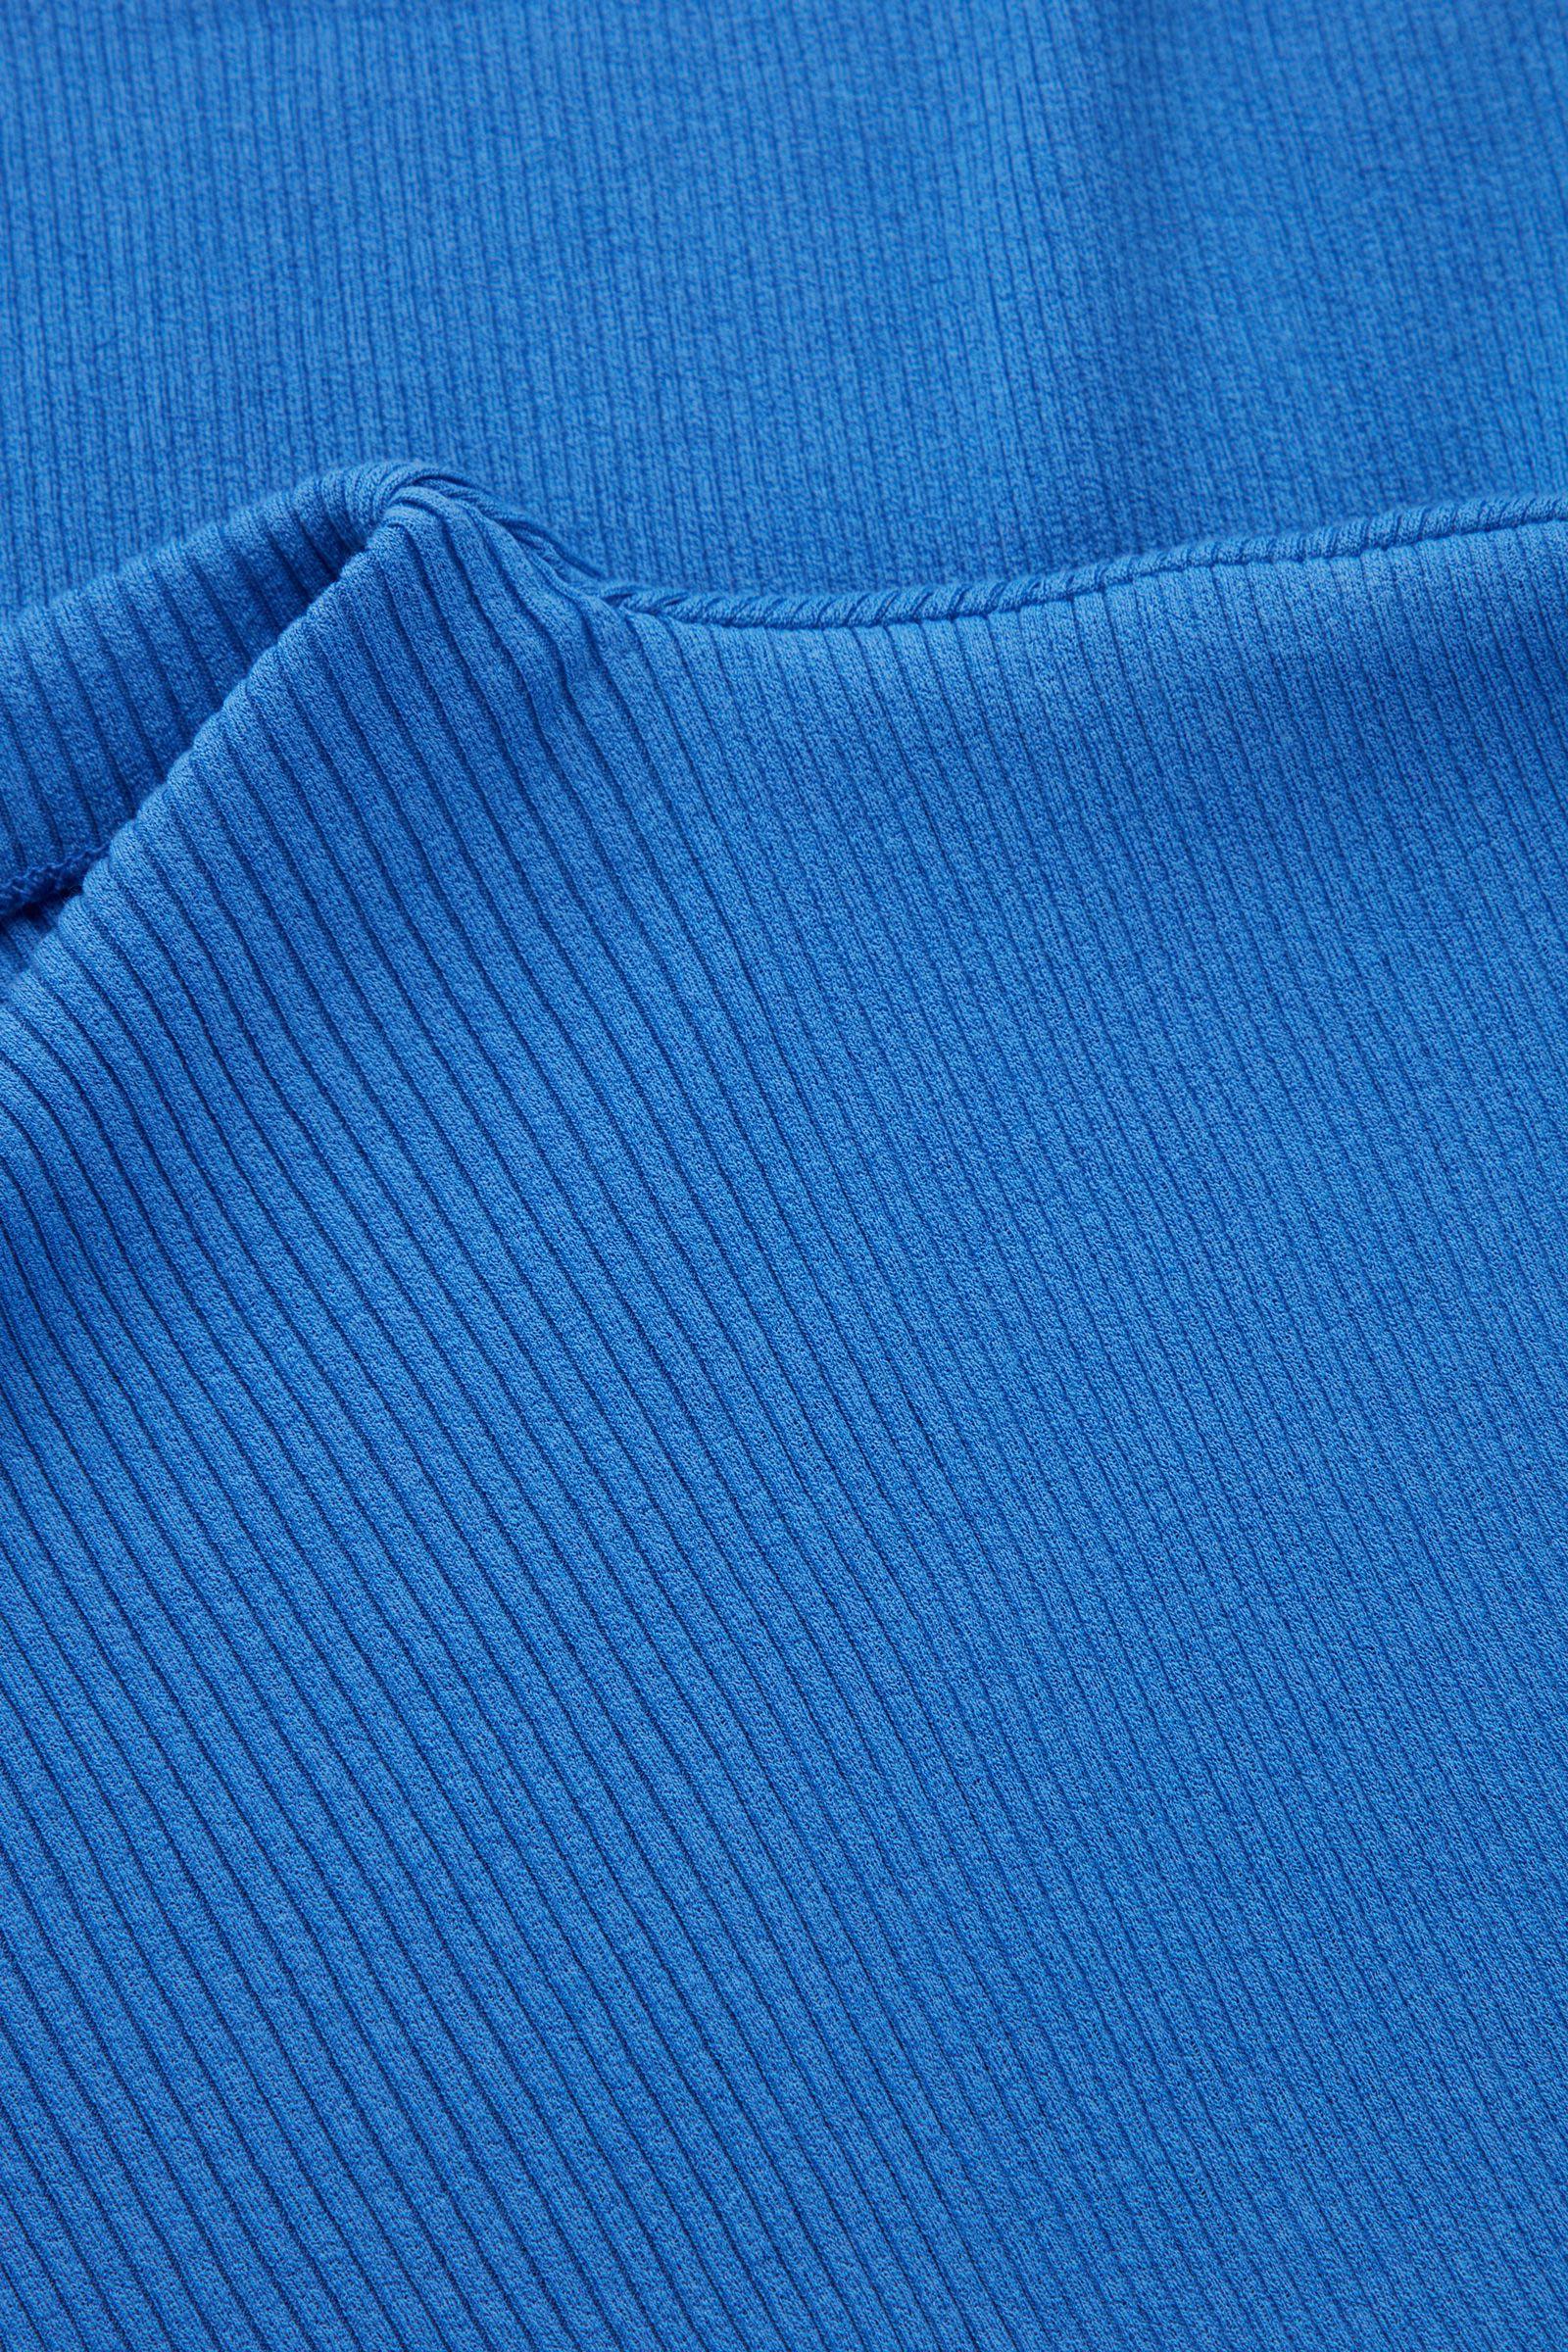 COS 오가닉 코튼 오버사이즈 칼라 니티드 베스트의 블루컬러 Detail입니다.